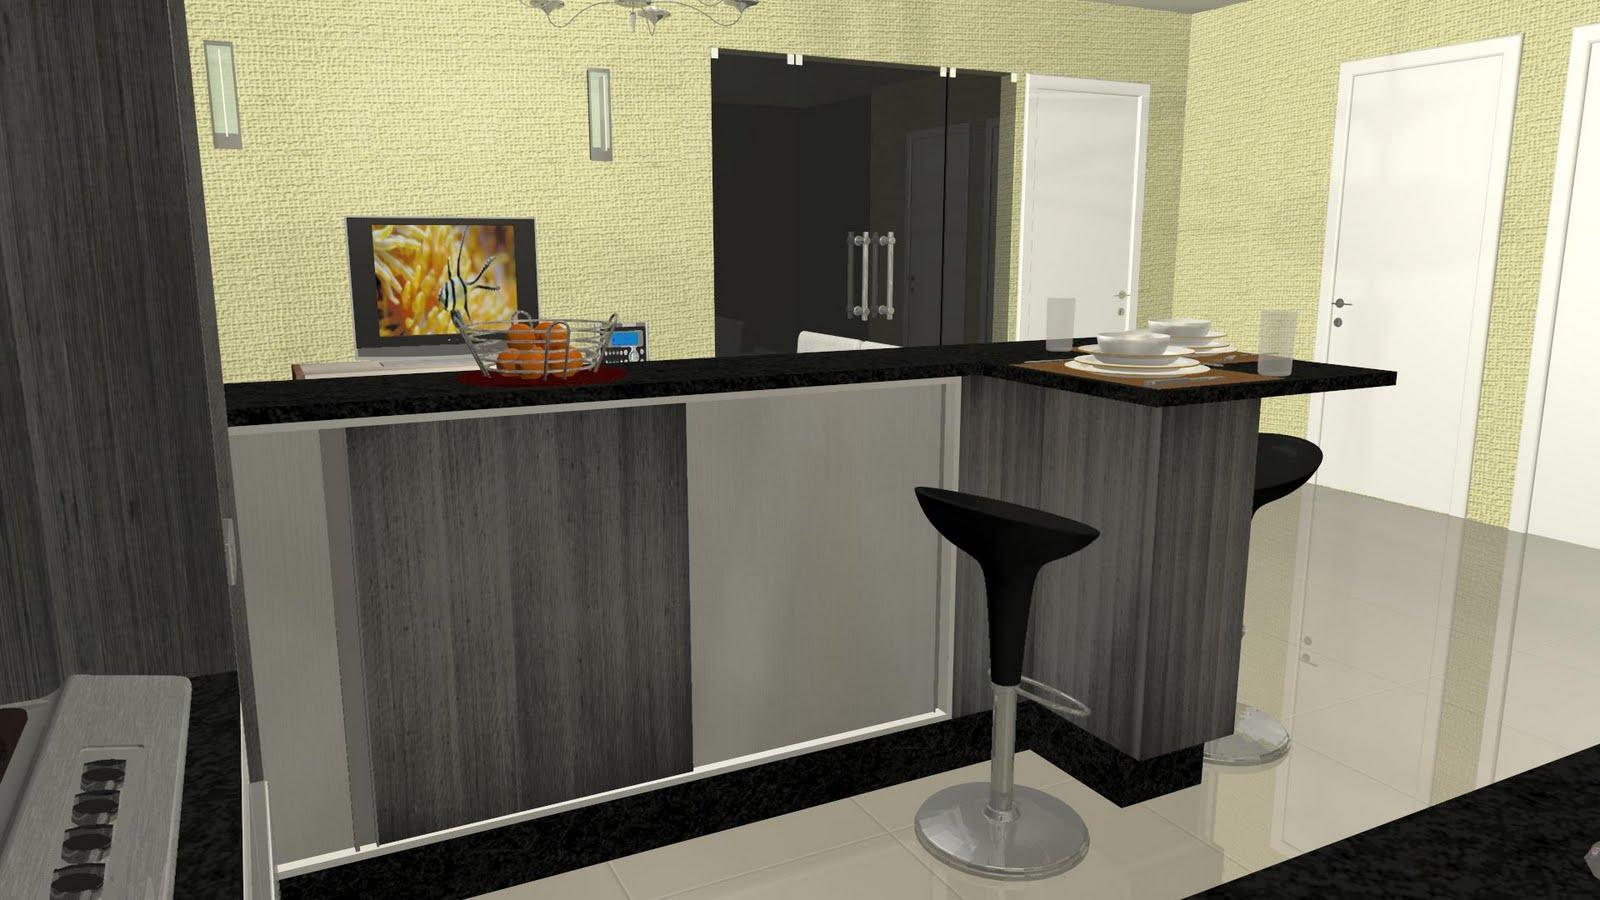 #1675B5 Espaço Nobre Design: Cozinha c/ Ilha Modelo 2 (Ráfia Cinza Montego  1600x900 px Modelo De Cozinha Design_501 Imagens